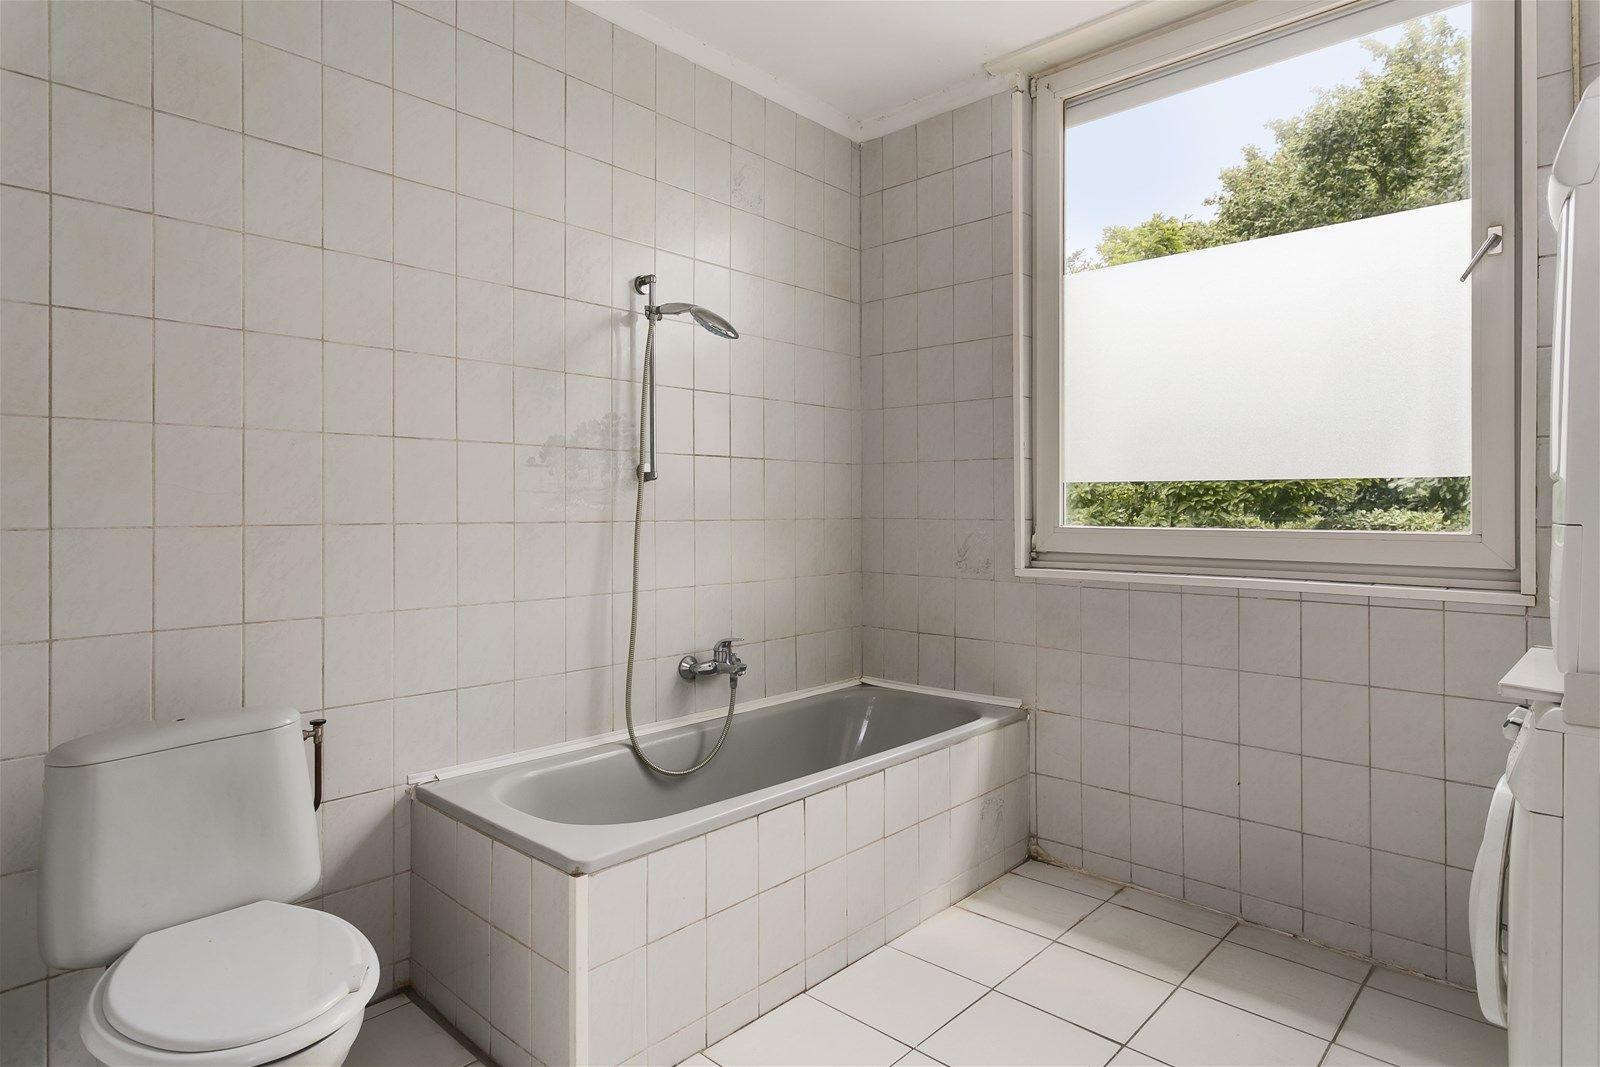 Deze ruime vrijstaande woning met eigen oprit en vrijstaande schuur staat op een perceel van 6.940 m² in een rustige en kindvriendelijke woonstraat aan de rand van het dorp. Binnen 5 autominuten bereik je de natuur van het Liesbos maar ook het bruisende dorpscentrum van Etten-Leur.   De begane grond heeft o.a. een ruime woonkamer, een keuken, drie slaapkamers (welke multifunctioneel inzetbaar zijn) en een badkamer. De eerste verdieping heeft een zolderkamer en twee royale slaapkamers waarbij de mogelijkheid bestaat hier extra (slaap)kamers te creeren.  Aan de achterzijde van de woning bevindt zich een vijverpartij en terras waarbij u in alle rust kunt genieten van de rust, ruimte - privacy.  BEGANE GROND Entree/hal met toegang tot de toiletruimte, woonkamer, keuken, drie (slaap)kamers, de badkamer en  vaste trap naar de eerste verdieping. Afwerking- tegelvloer, spuitwerk wanden en een spuitwerk plafond. Meterkast- 16 een-fase groep, 2 driefase groep en 2 driefase aardlekschakelaars.  Toiletruimte Afwerking- tegelvloer, wandtegels en spuitwerk plafond.  Zeer ruime woonkamer voorzien van schouw met rookkanaal en schuifpui die toegang biedt tot de achtertuin. De voor– en achterzijde beschikt over handmatig bedienbare rolluiken. Afwerking- marmeren vloer, spuitwerk wanden en een spuitwerk plafond met sierlijsten.  Woonkeuken uitgerust met een kunststof werkblad, spoelbak, 5-pits gaskookplaat, afzuigkap, combimagnetron, koel-vries combi (2018), vaatwasser (2018) en handig ingebouwde voorraadkast.  Vanuit de keuken zijn de woonkamer en de hal bereikbaar. Er is een krachtstroom voorziening aanwezig voor elektrisch koken. Afwerking- tegelvloer, Spachtelputz wanden en een Spachtelputz plafond.  Slaapkamer 1- Een slaapkamer aan de voorzijde van de woning. Afwerking- vloerbedekking, spuitwerk wanden en spuitwerk plafond.  Slaapkamer 2- Een ruime slaapkamer aan de voorzijde van de woning. Afwerking- Vloerbedekking, spuitwerk wanden met deels wandtegels en spuitwerk plafond en h